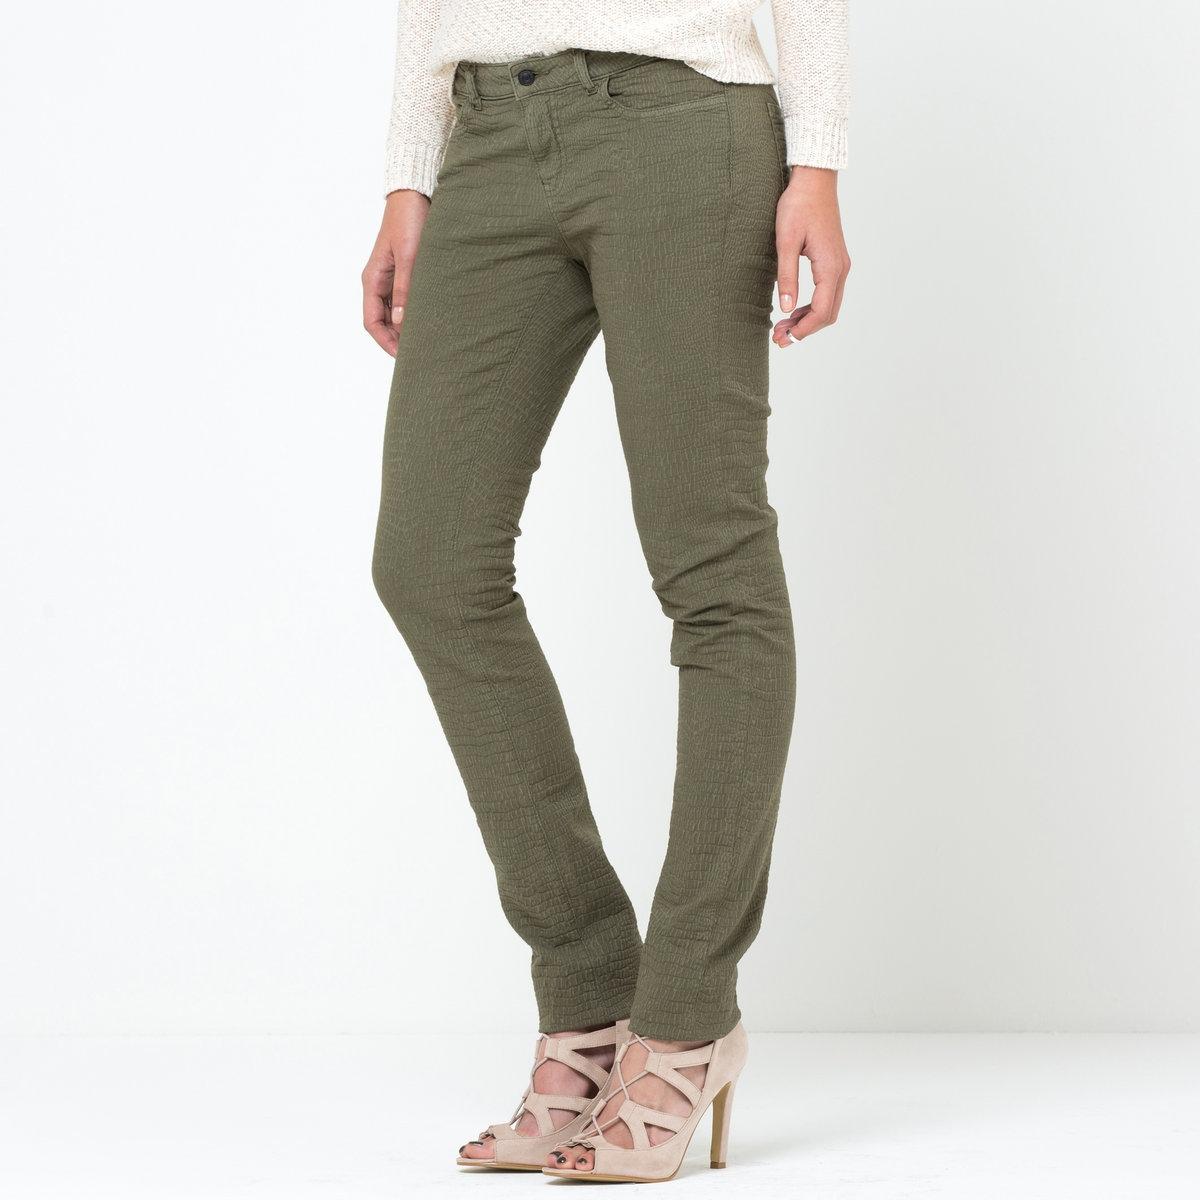 Брюки узкие с рисунком под рептилию, длина по внутр. шву 81 смУзкие брюки Soft Grey из материала с рисунком в тон под рептилию. Материал стретч, 97% хлопка, 3% эластана. 5 карманов. Длина по внутр. шву 81 см. Ширина по низу 15,5 см.Узкий покрой: облегающая модель, зауженные брючины.<br><br>Цвет: розовый,хаки<br>Размер: 36 (FR) - 42 (RUS).38 (FR) - 44 (RUS).46 (FR) - 52 (RUS).34 (FR) - 40 (RUS)